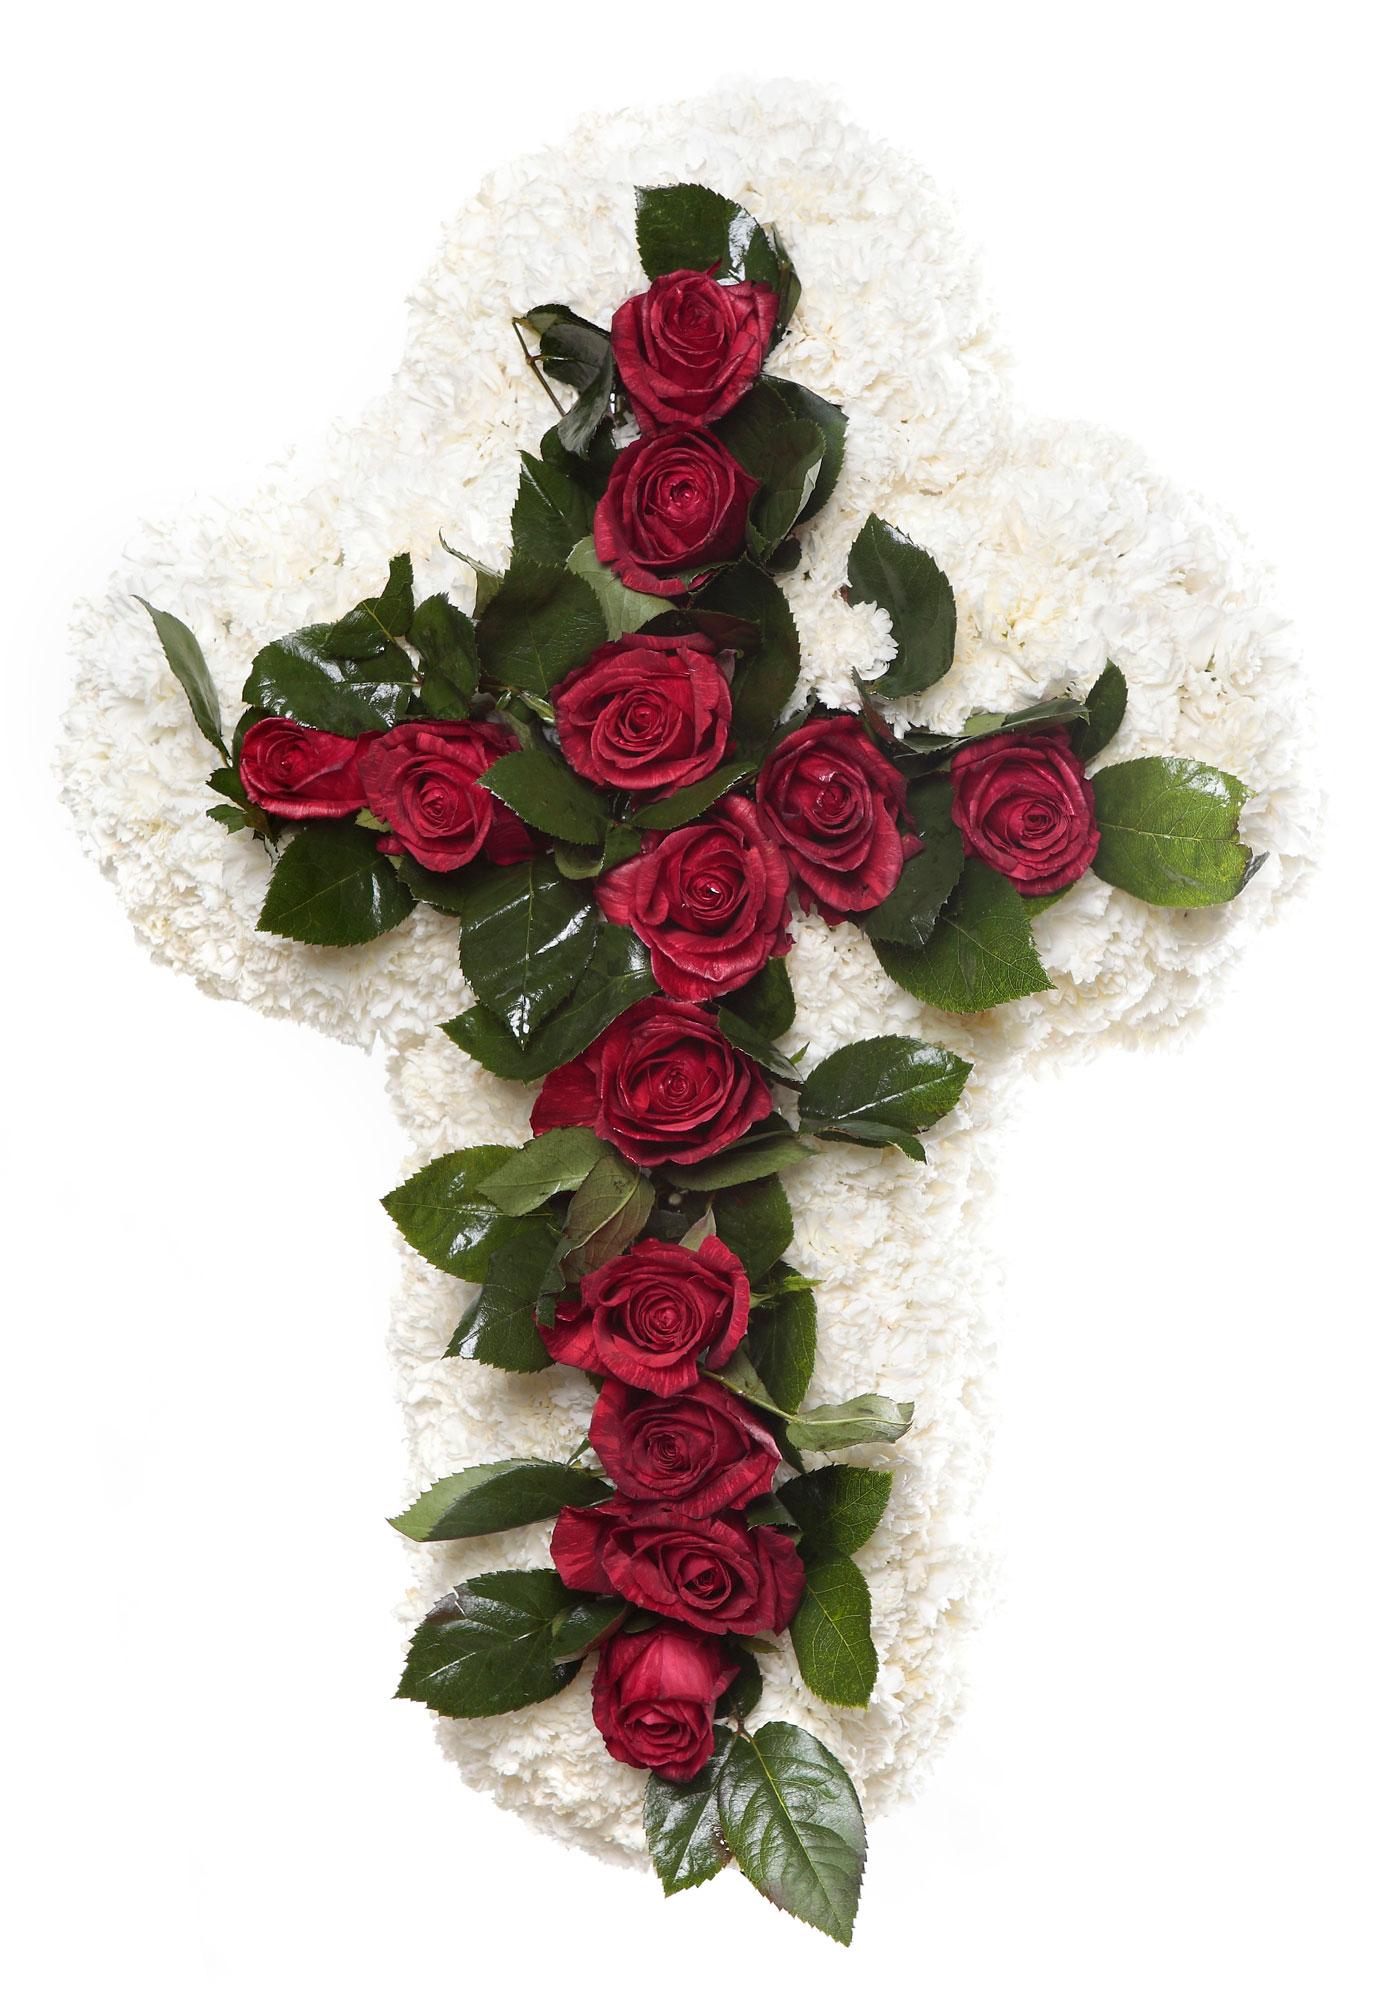 Cruz tanatorio 1 detalles flores naturales tienda online los jardines tanatorios y - Esquelas leon los jardines ...